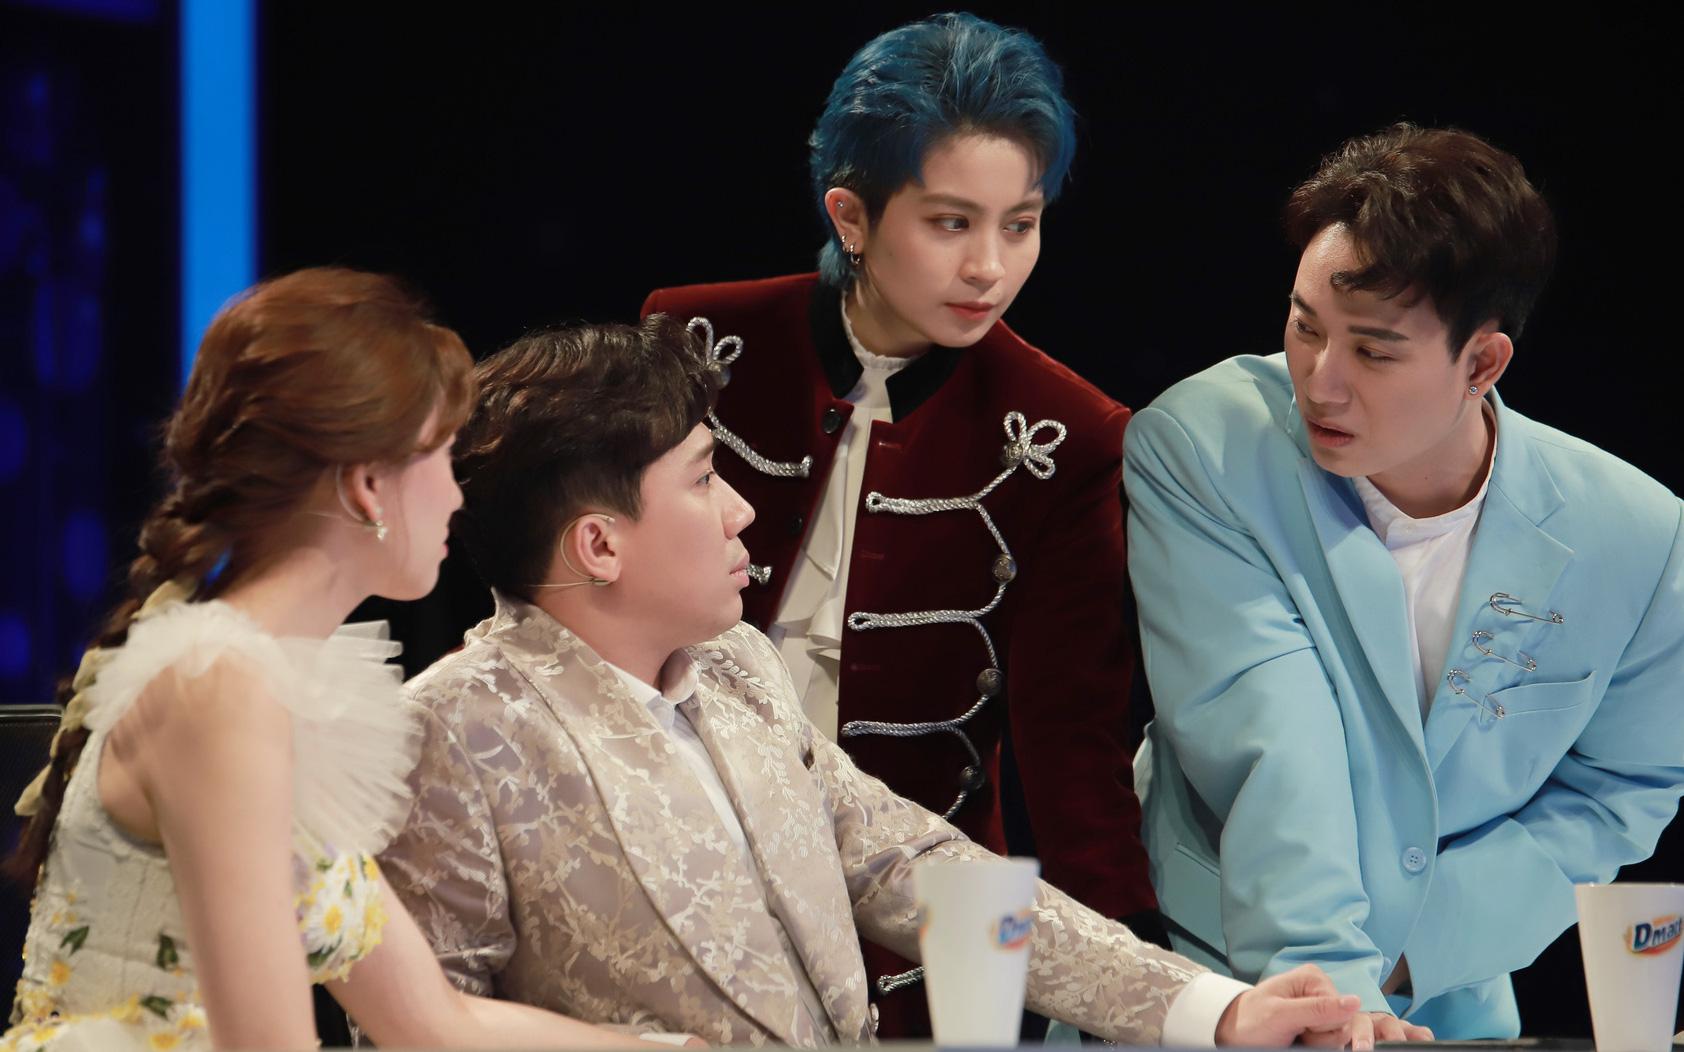 """Cờ Cá Ngựa """"bành trướng"""" thật, Trúc Nhân còn đòi thế vị trí Hari Won ngồi cạnh Trấn Thành?"""